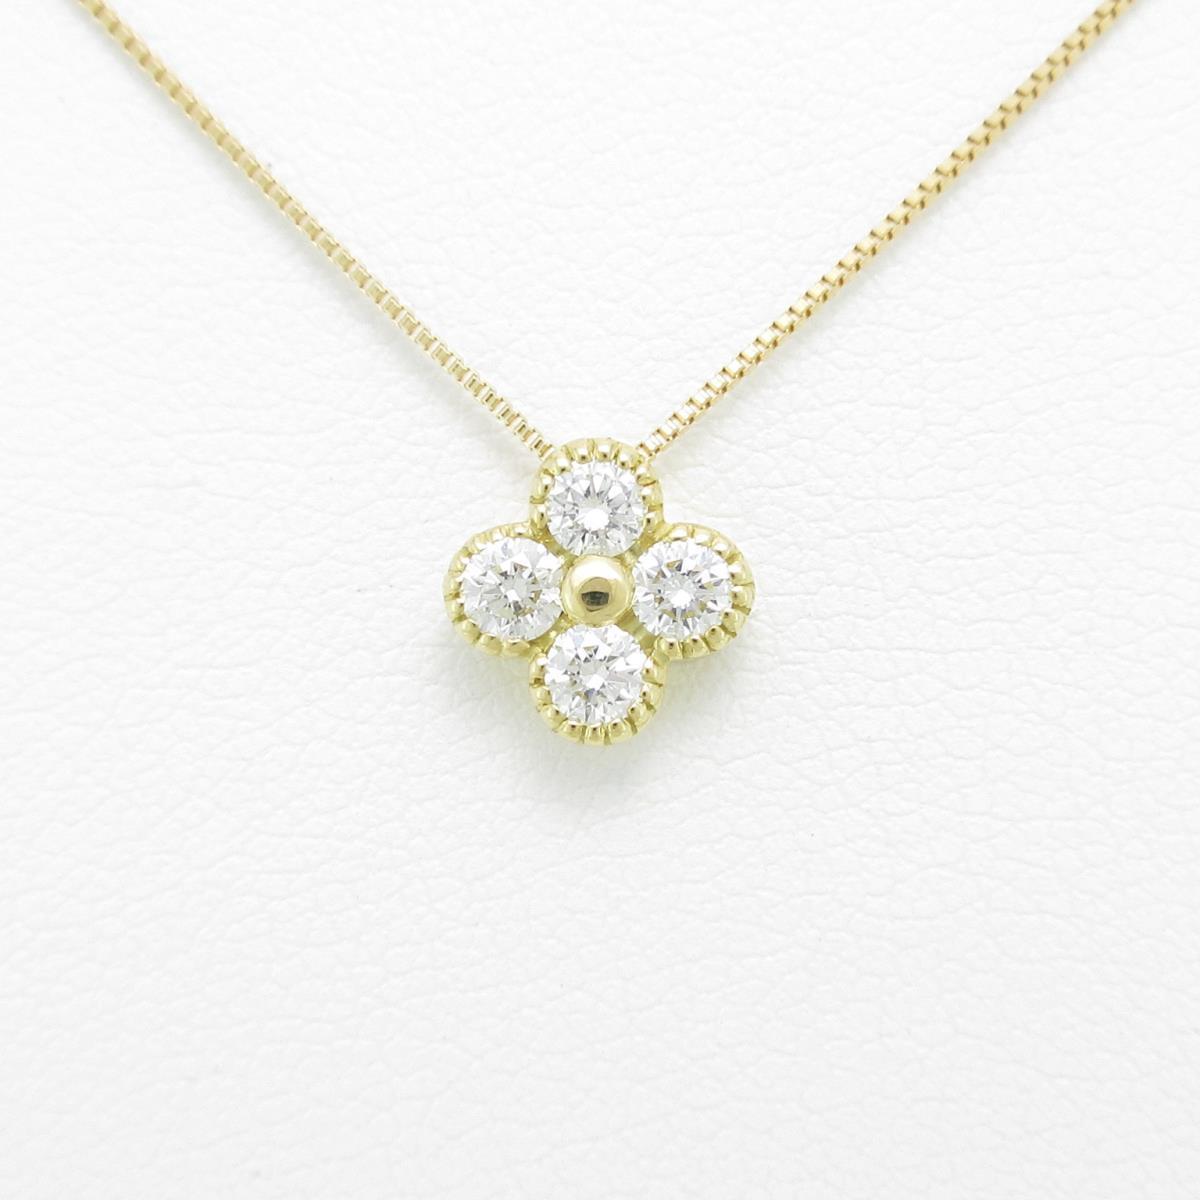 【新品】K18YG フラワー ダイヤモンドネックレス【新品】